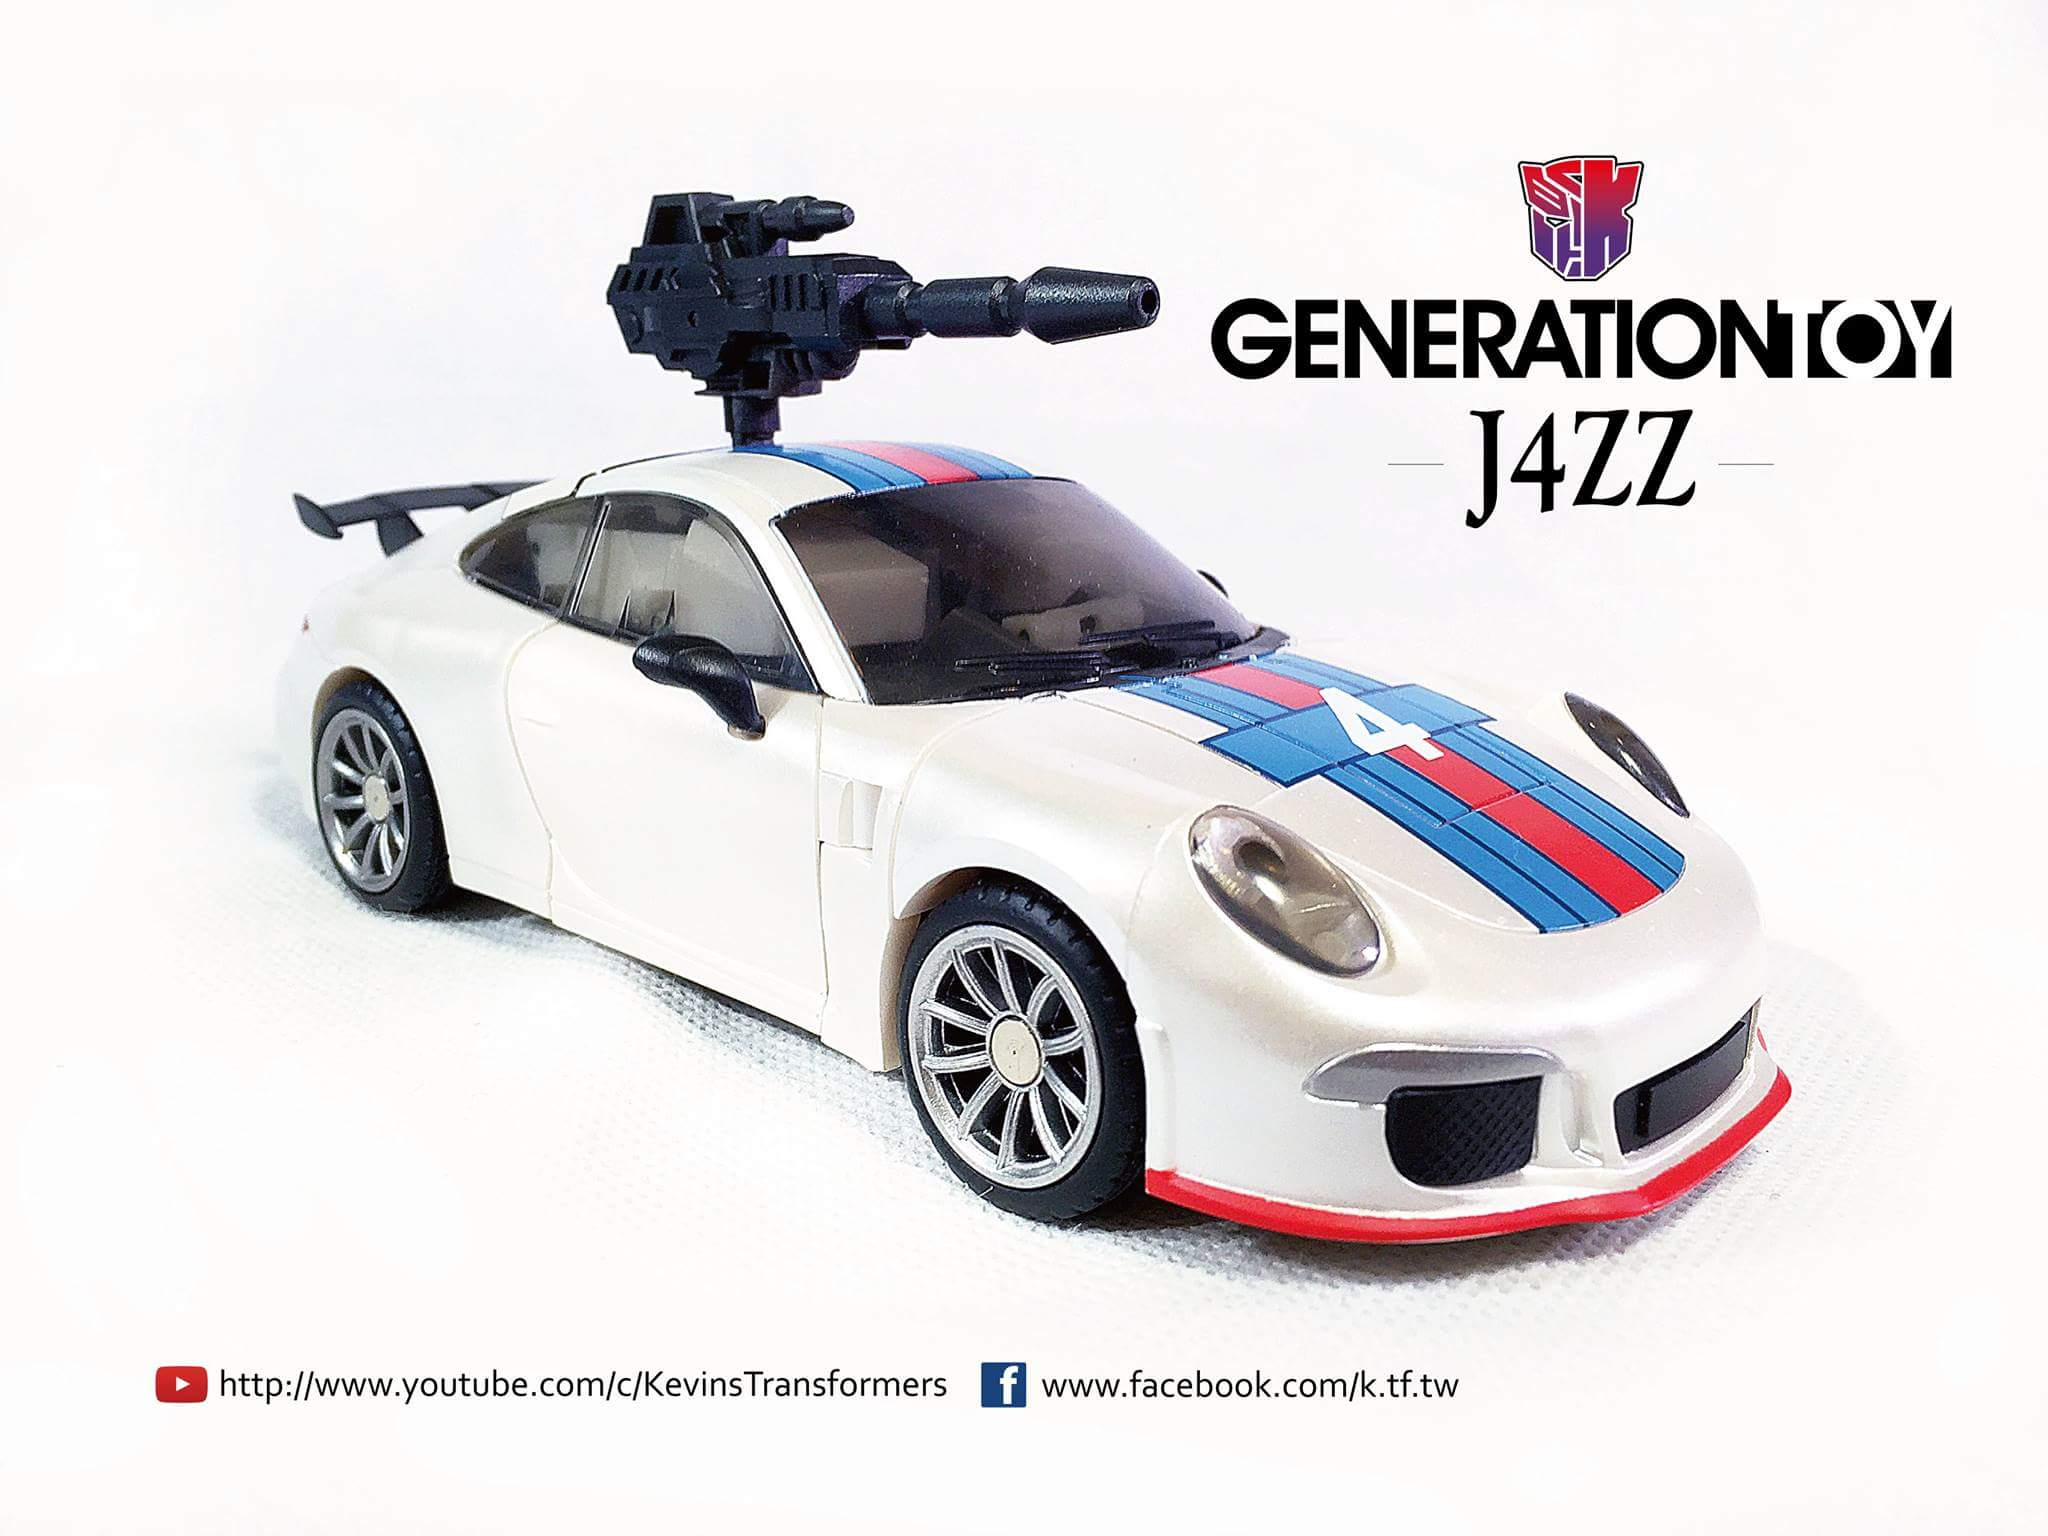 [Generation Toy] Produit Tiers - Jouets TF de la Gamme GT - des BD TF d'IDW - Page 2 VdHy6ZLx